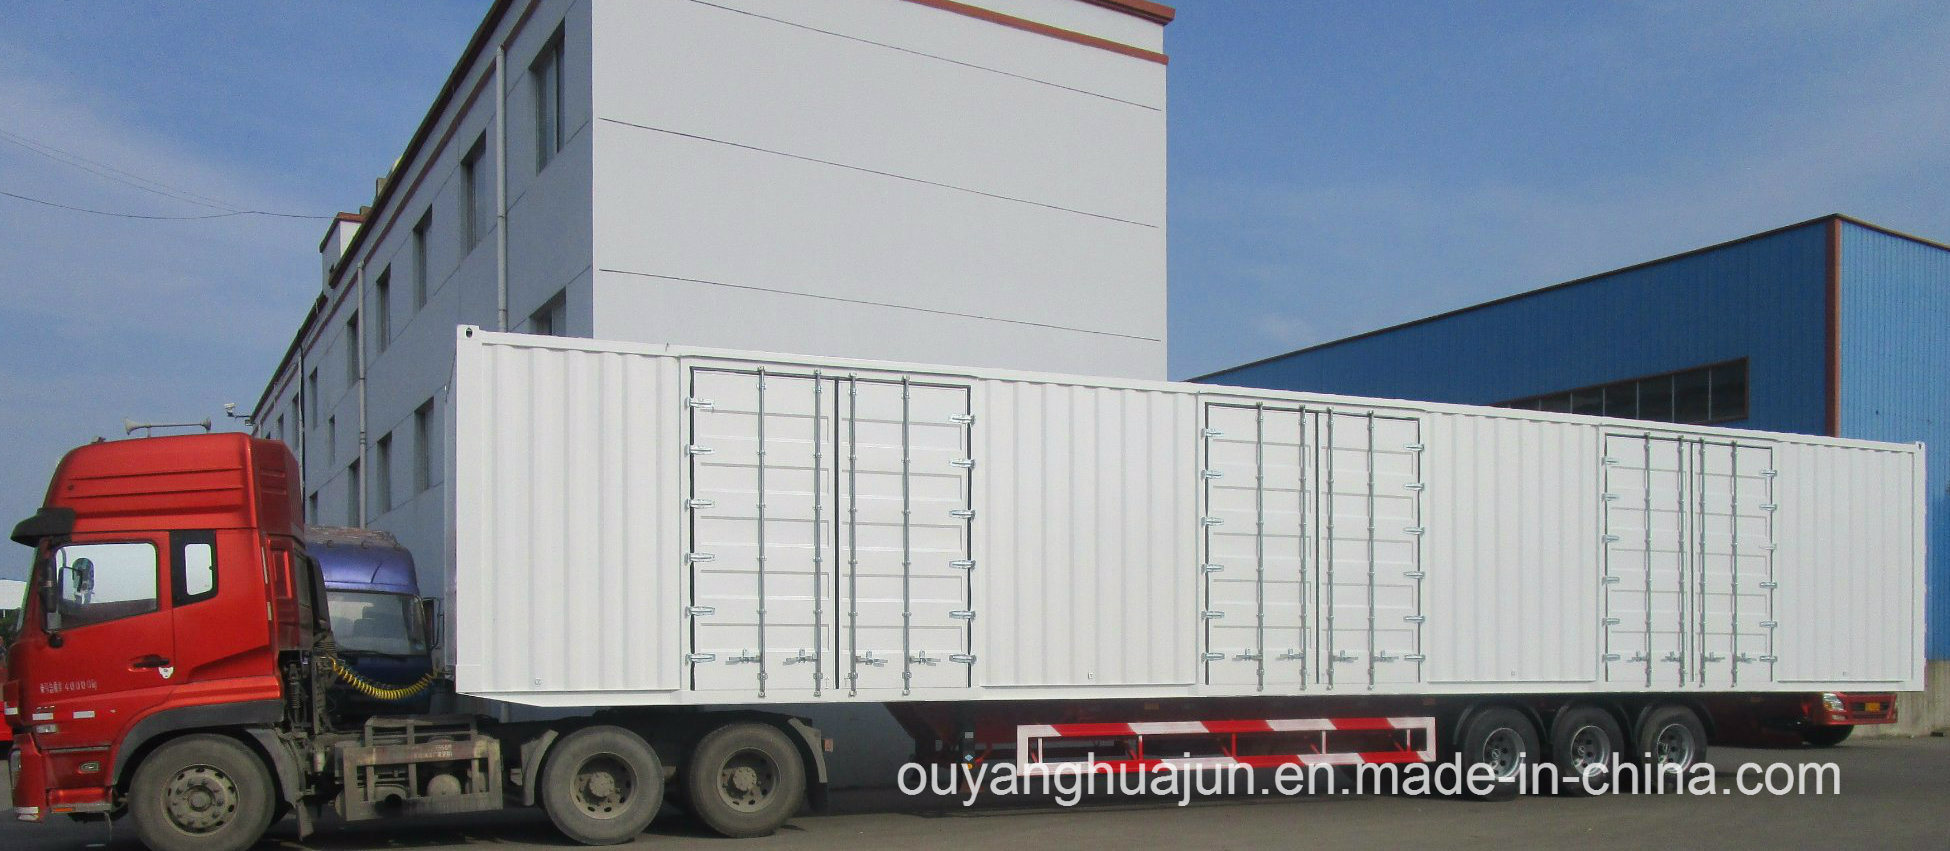 50 Feet Van Type Container Semitrailer